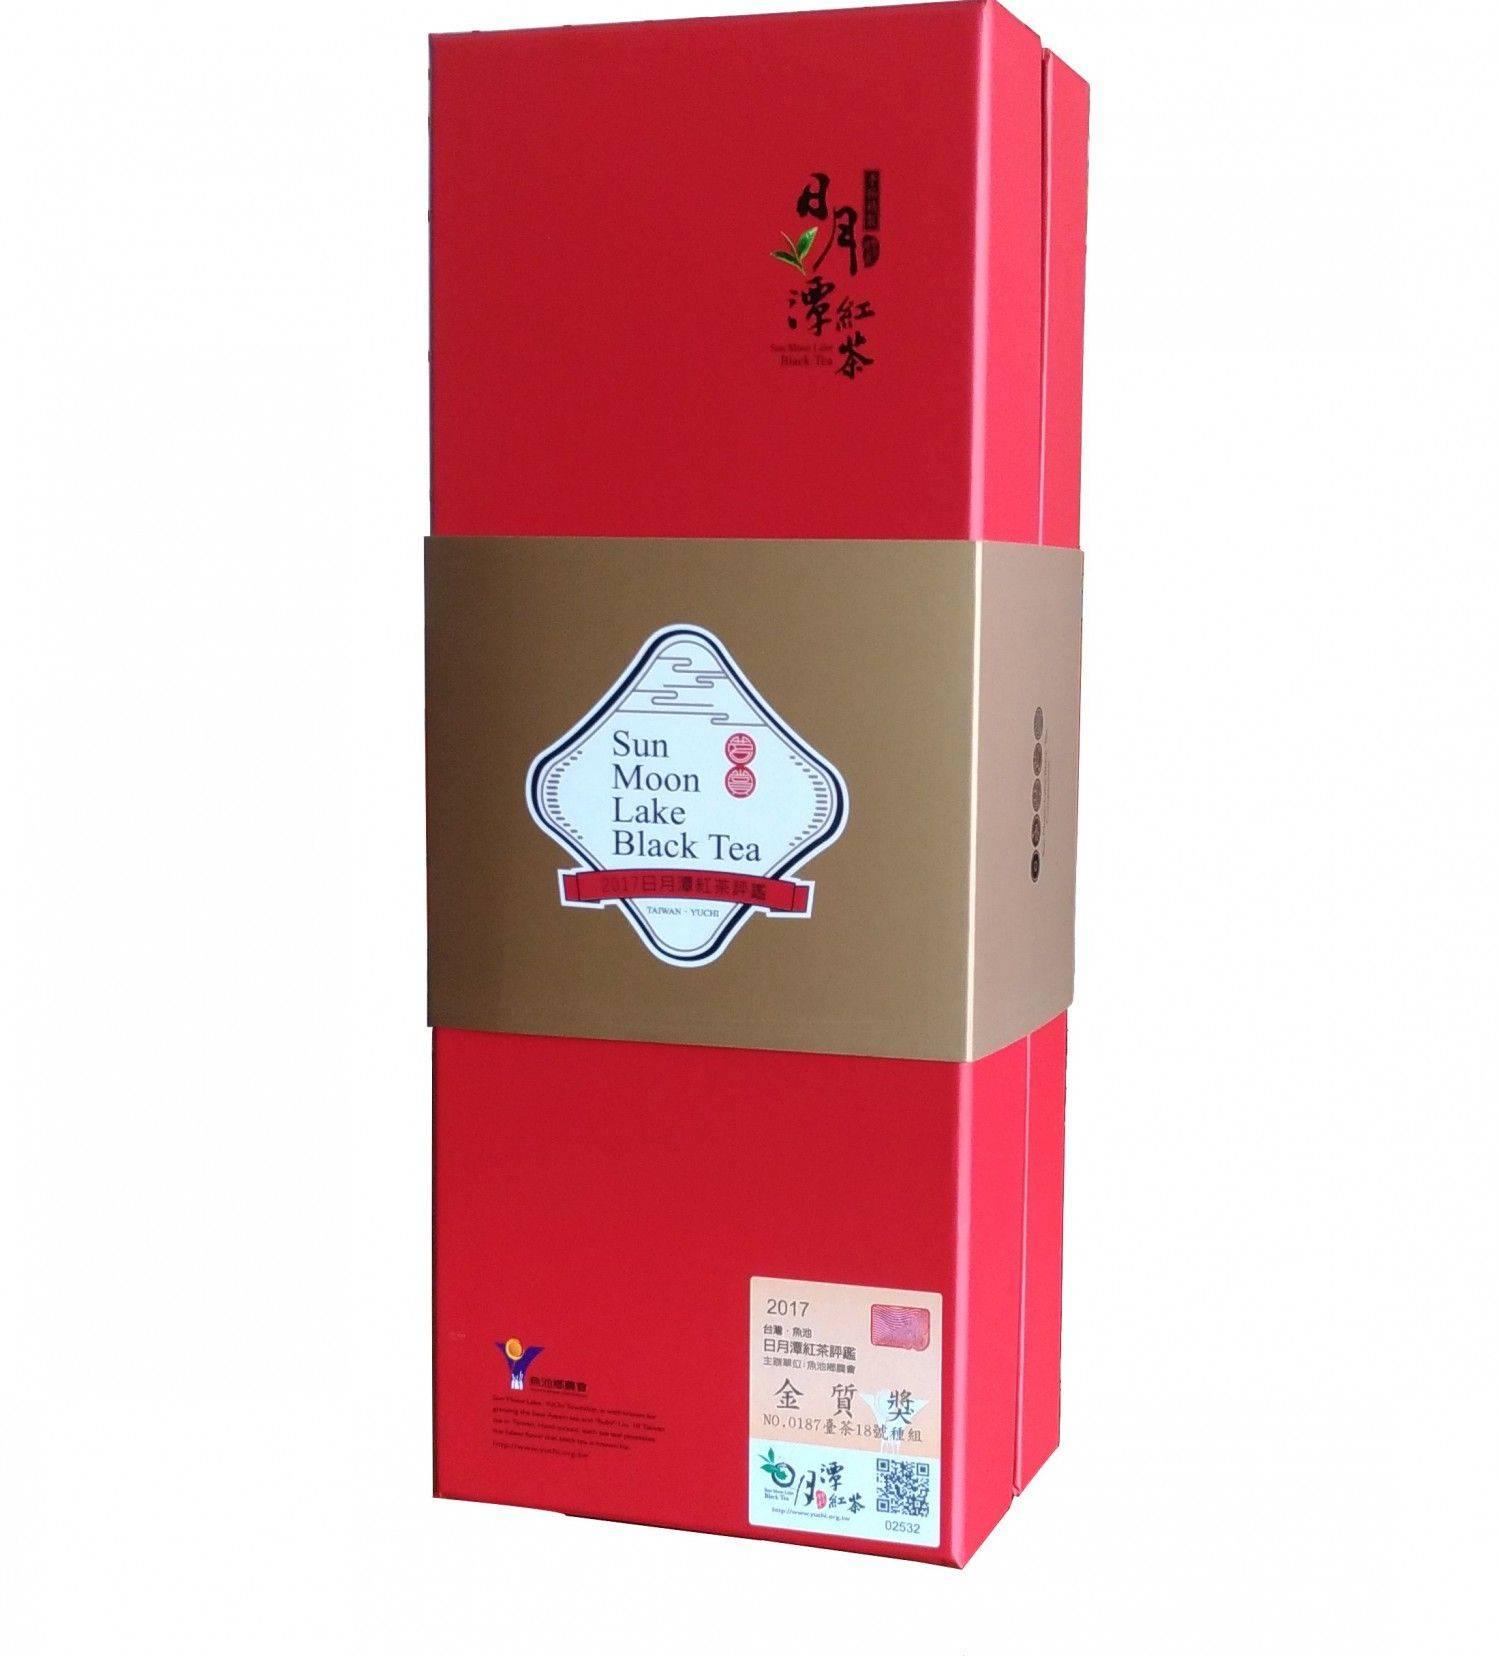 2017 金質獎紅玉紅茶 (限量)